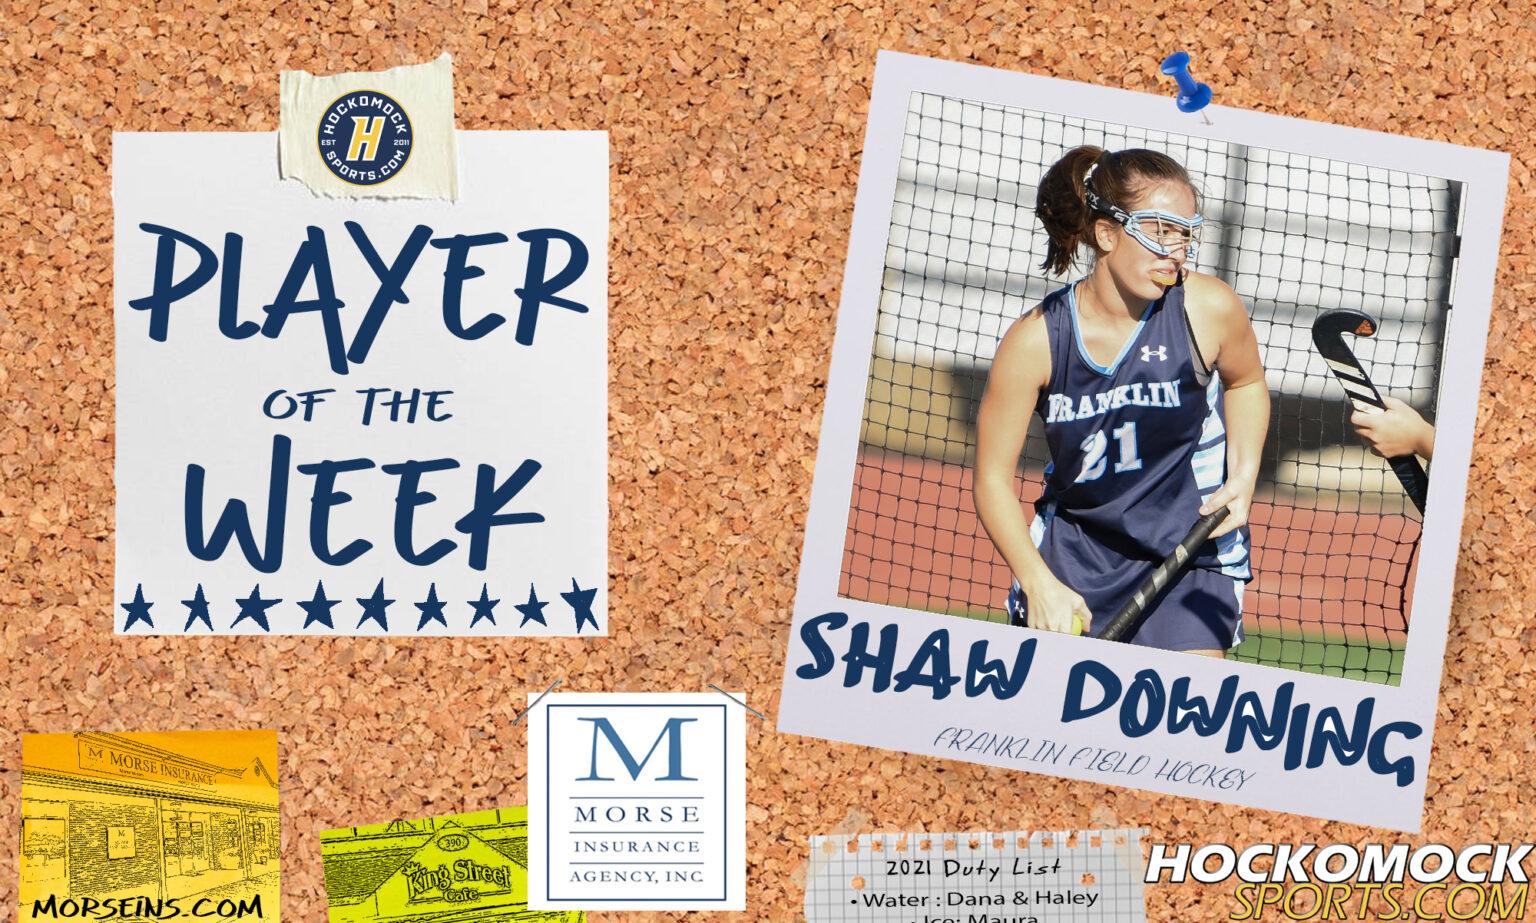 HockomockSports.com: Player of the Week - Shaw Downing, FHS Field Hockey